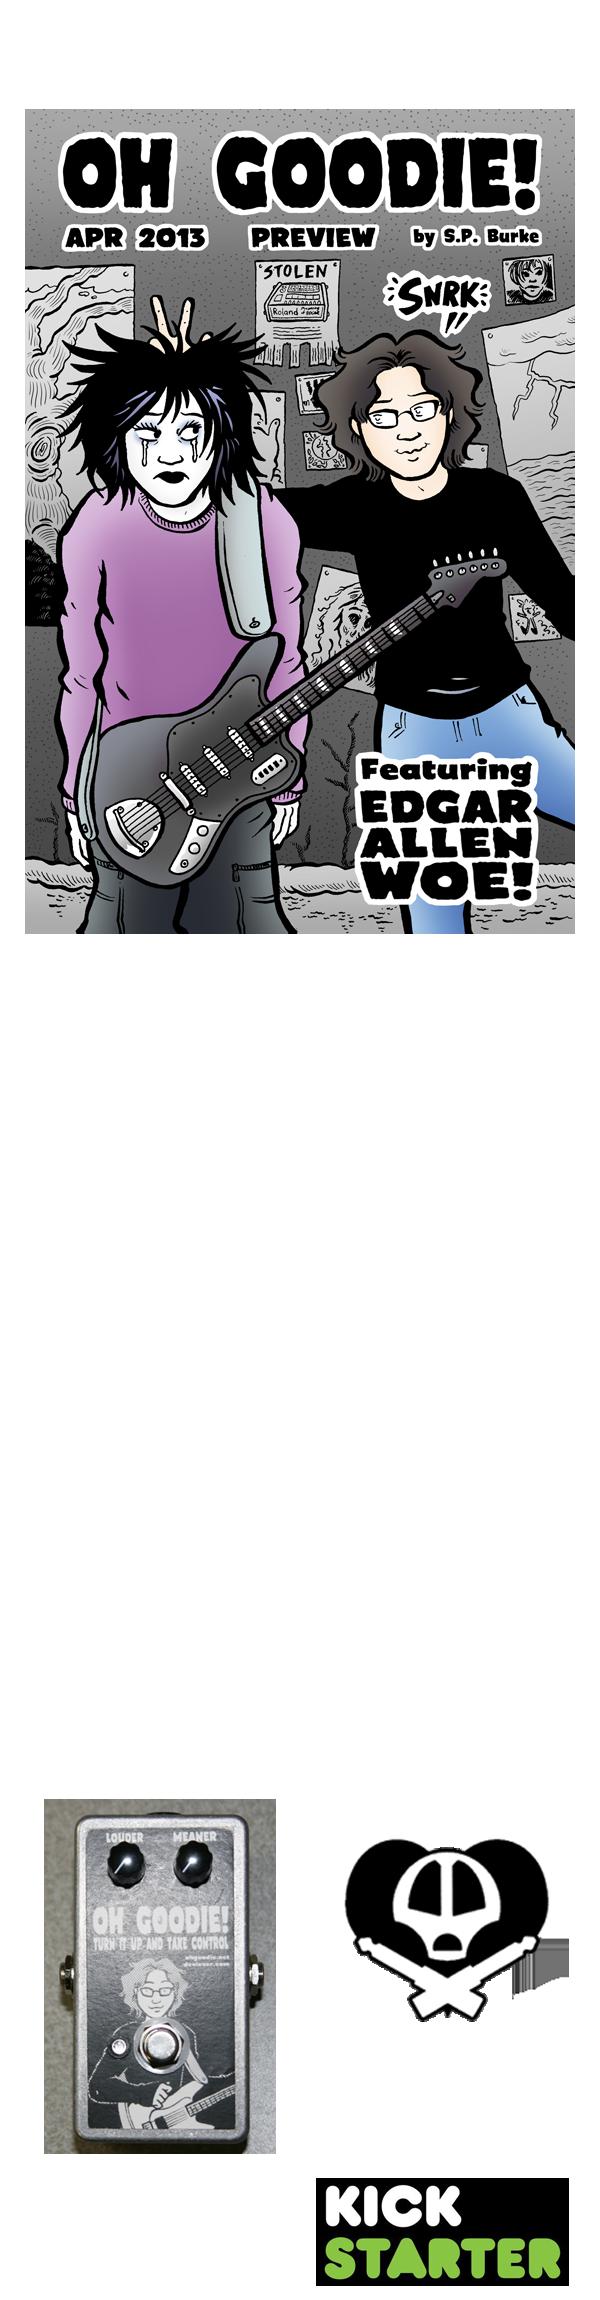 EdgarAllenWoe-Kickstarter